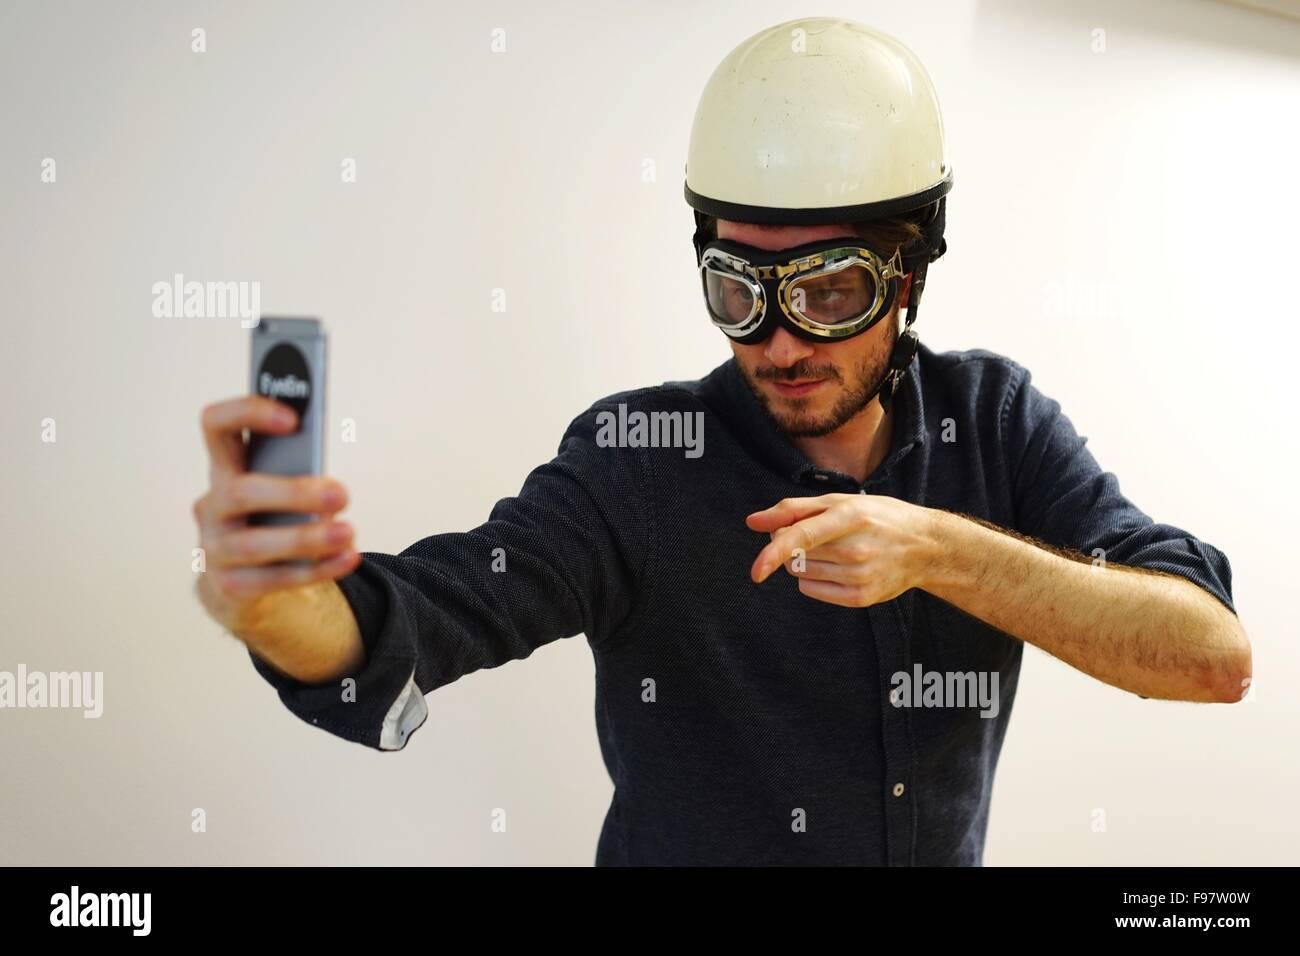 Jeune homme dans la prise casque et lunettes Aviator contre Selfies Mur Blanc Photo Stock